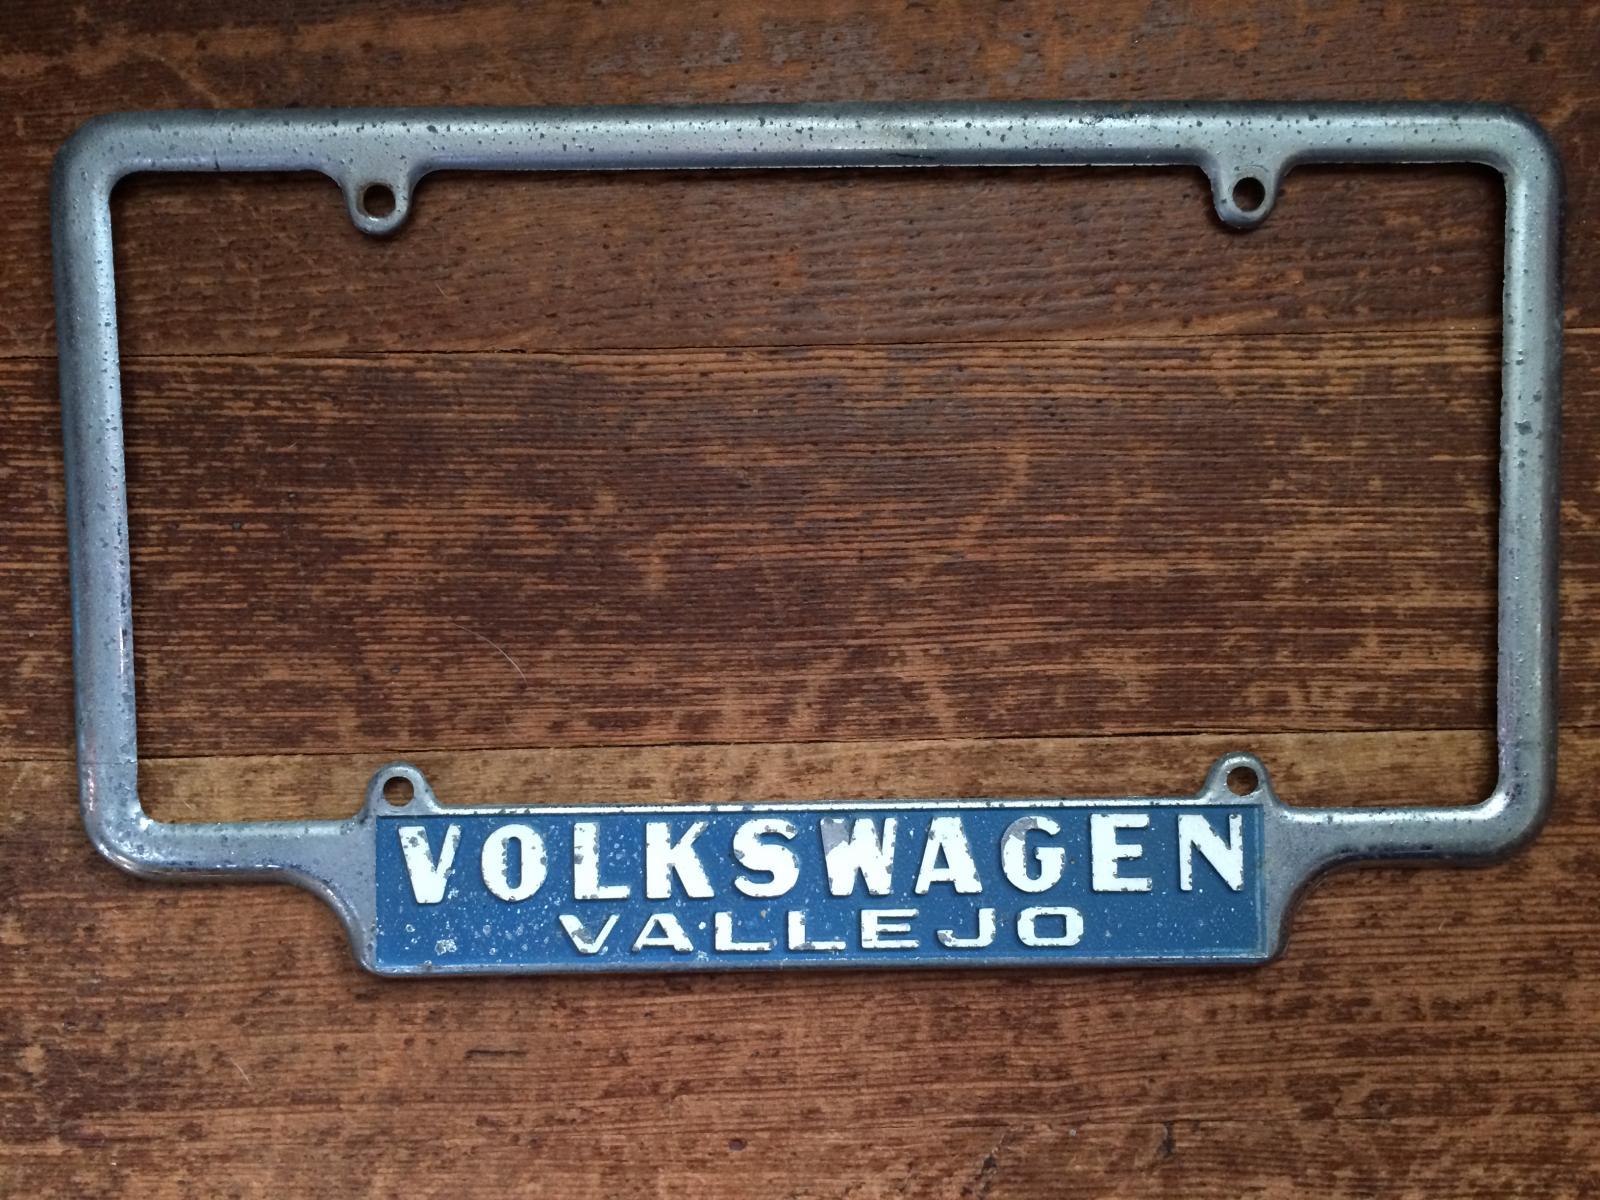 Volkswagen Vallejo